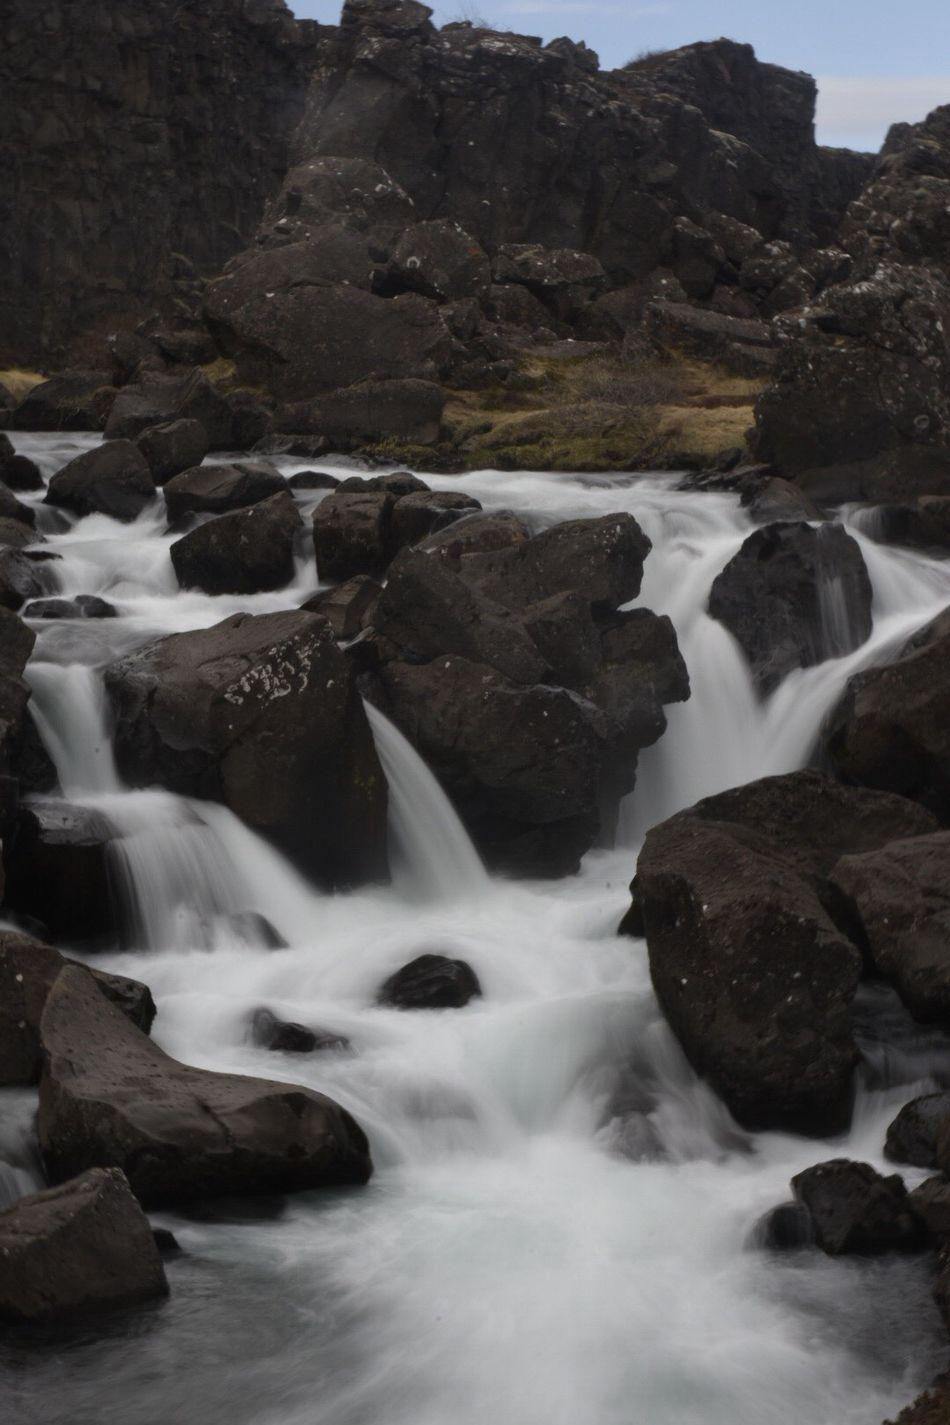 Waterfall Nature Nature Photography Nikon Nikonphotography Nikon D7200